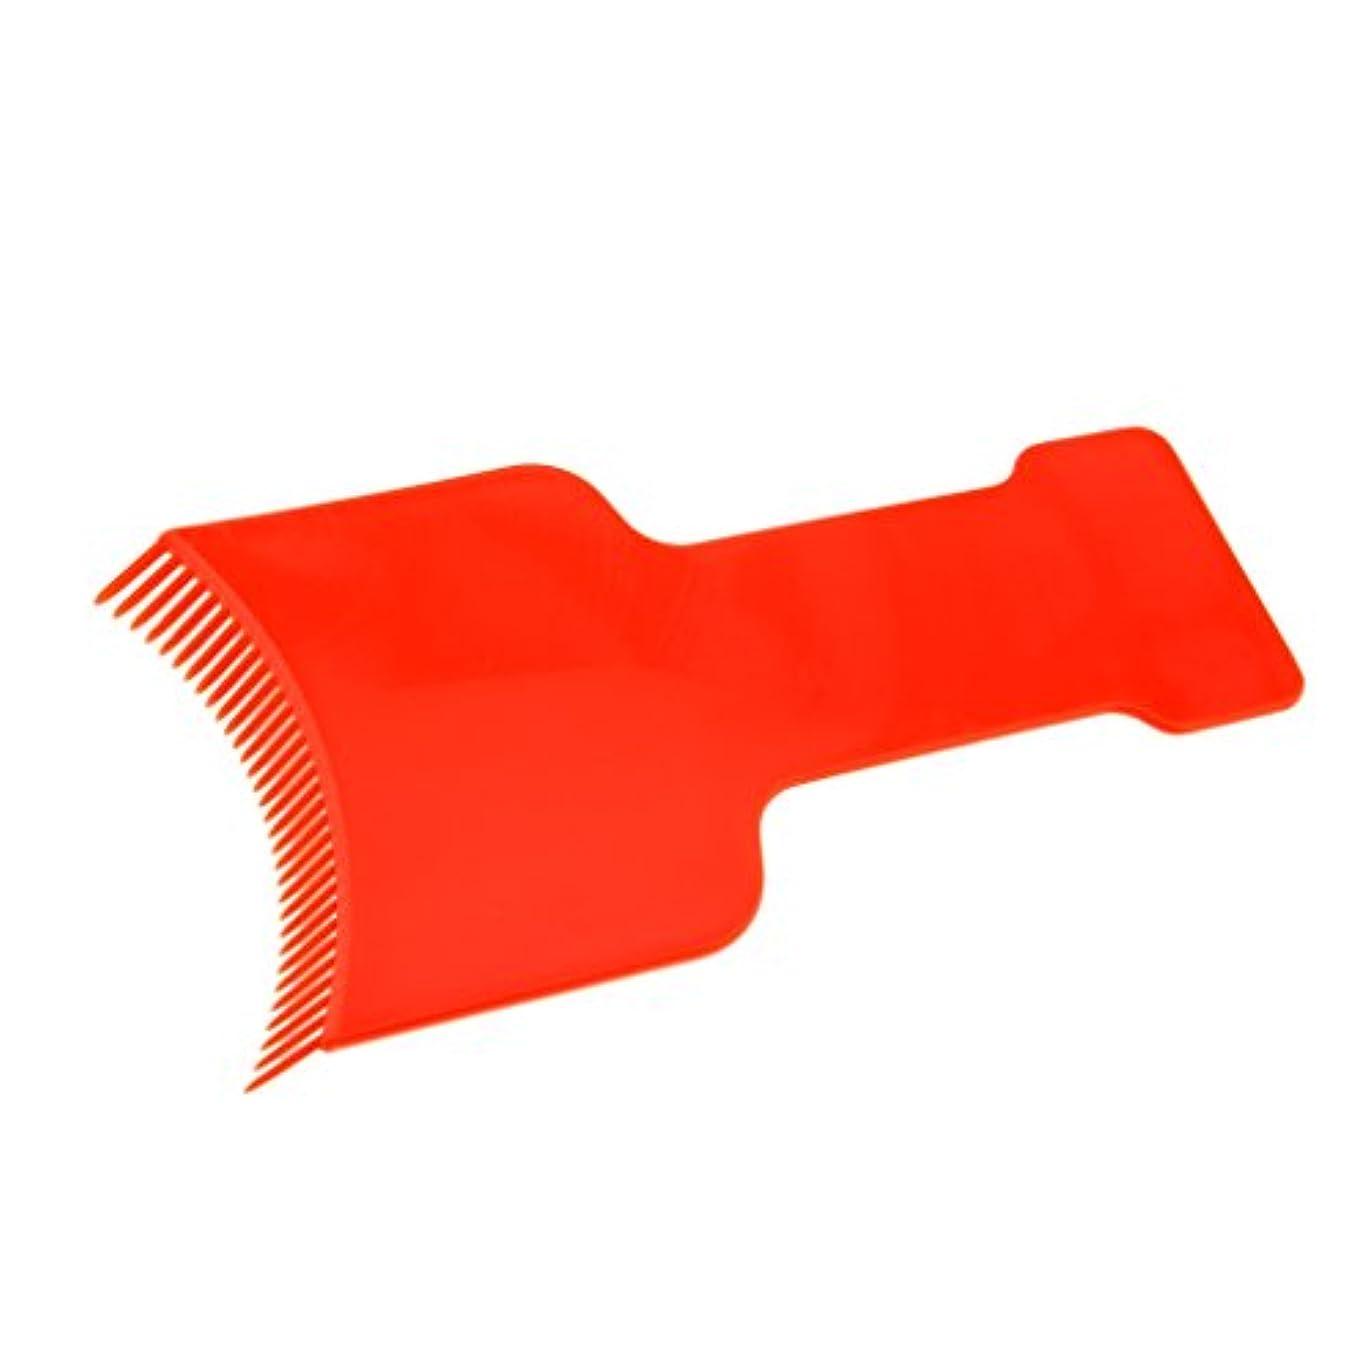 力糸ポーンDYNWAVE 染色ボード 染色櫛 プレート ヘアダイコーム ヘアダイブラシ ヘアカラーリング用品